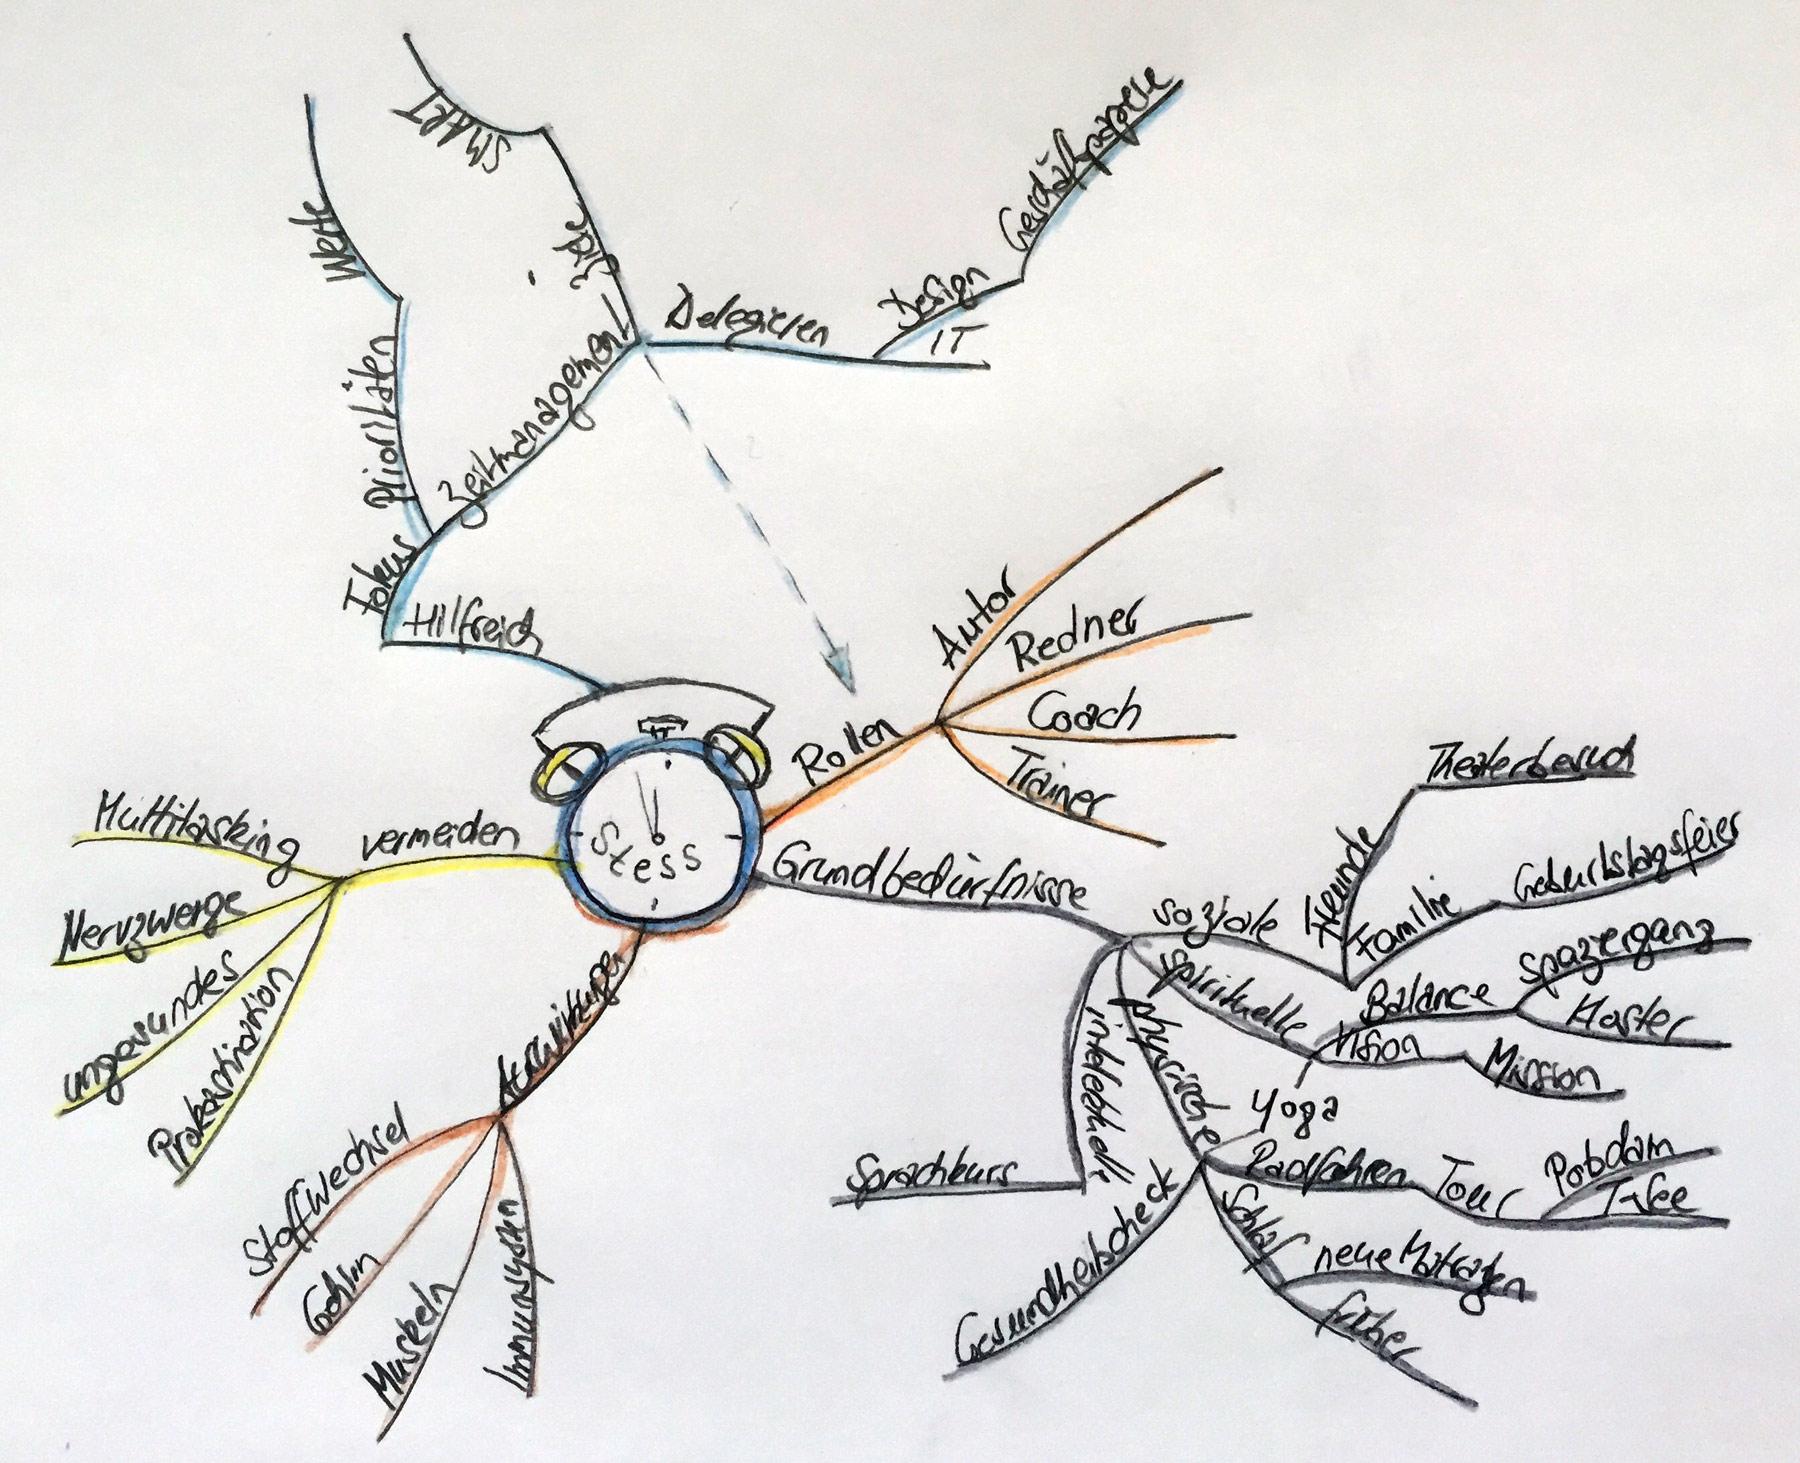 stRess ... 5 Minuten Grundgerüst Stressmanagement mit Mind Maps - Karsten Noack Coaching & Training Berlin